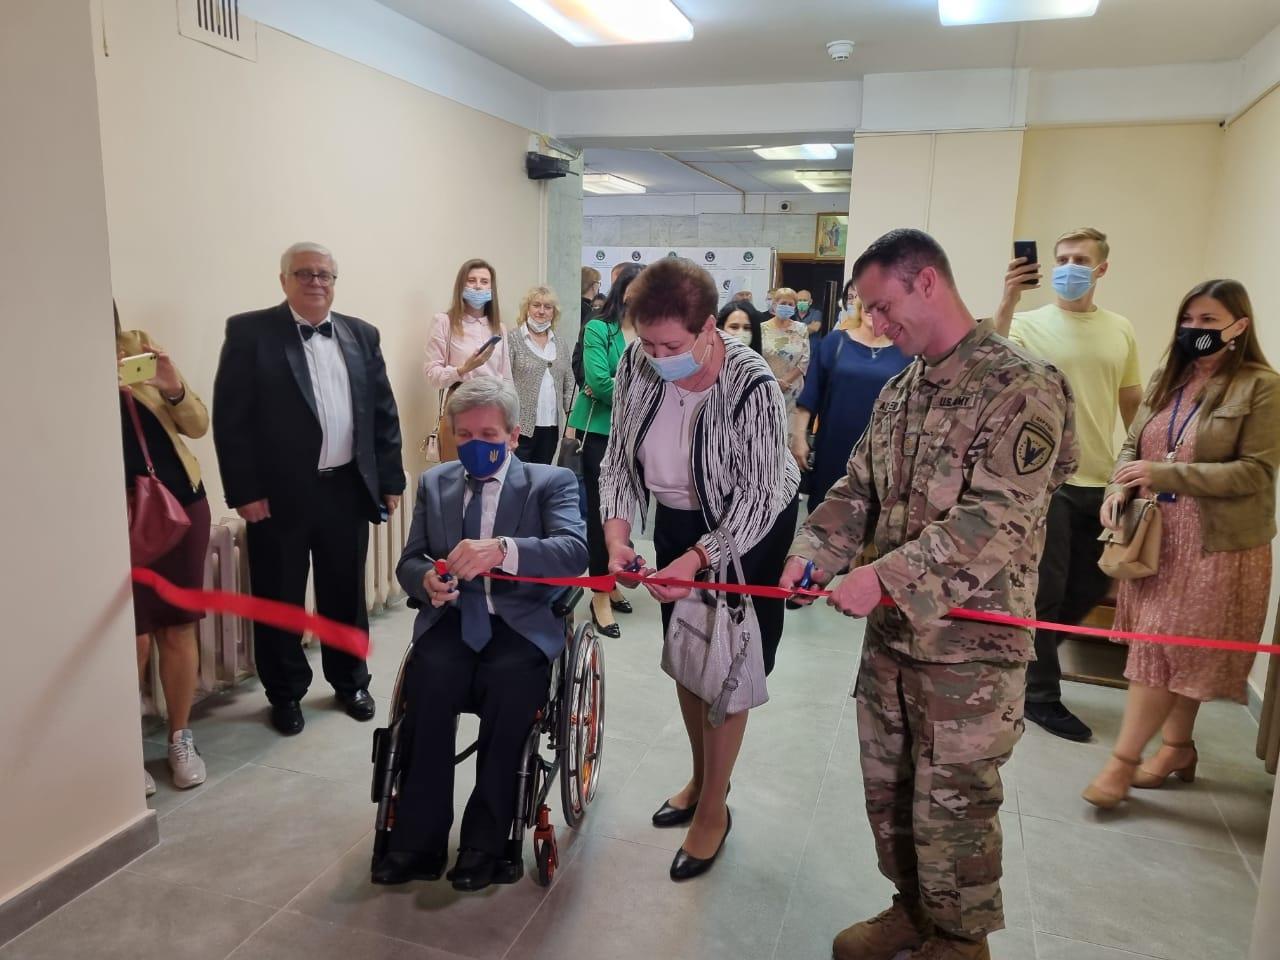 США надали $90 тисяч для реконструкції центру реабілітації дітей у Києві: фото